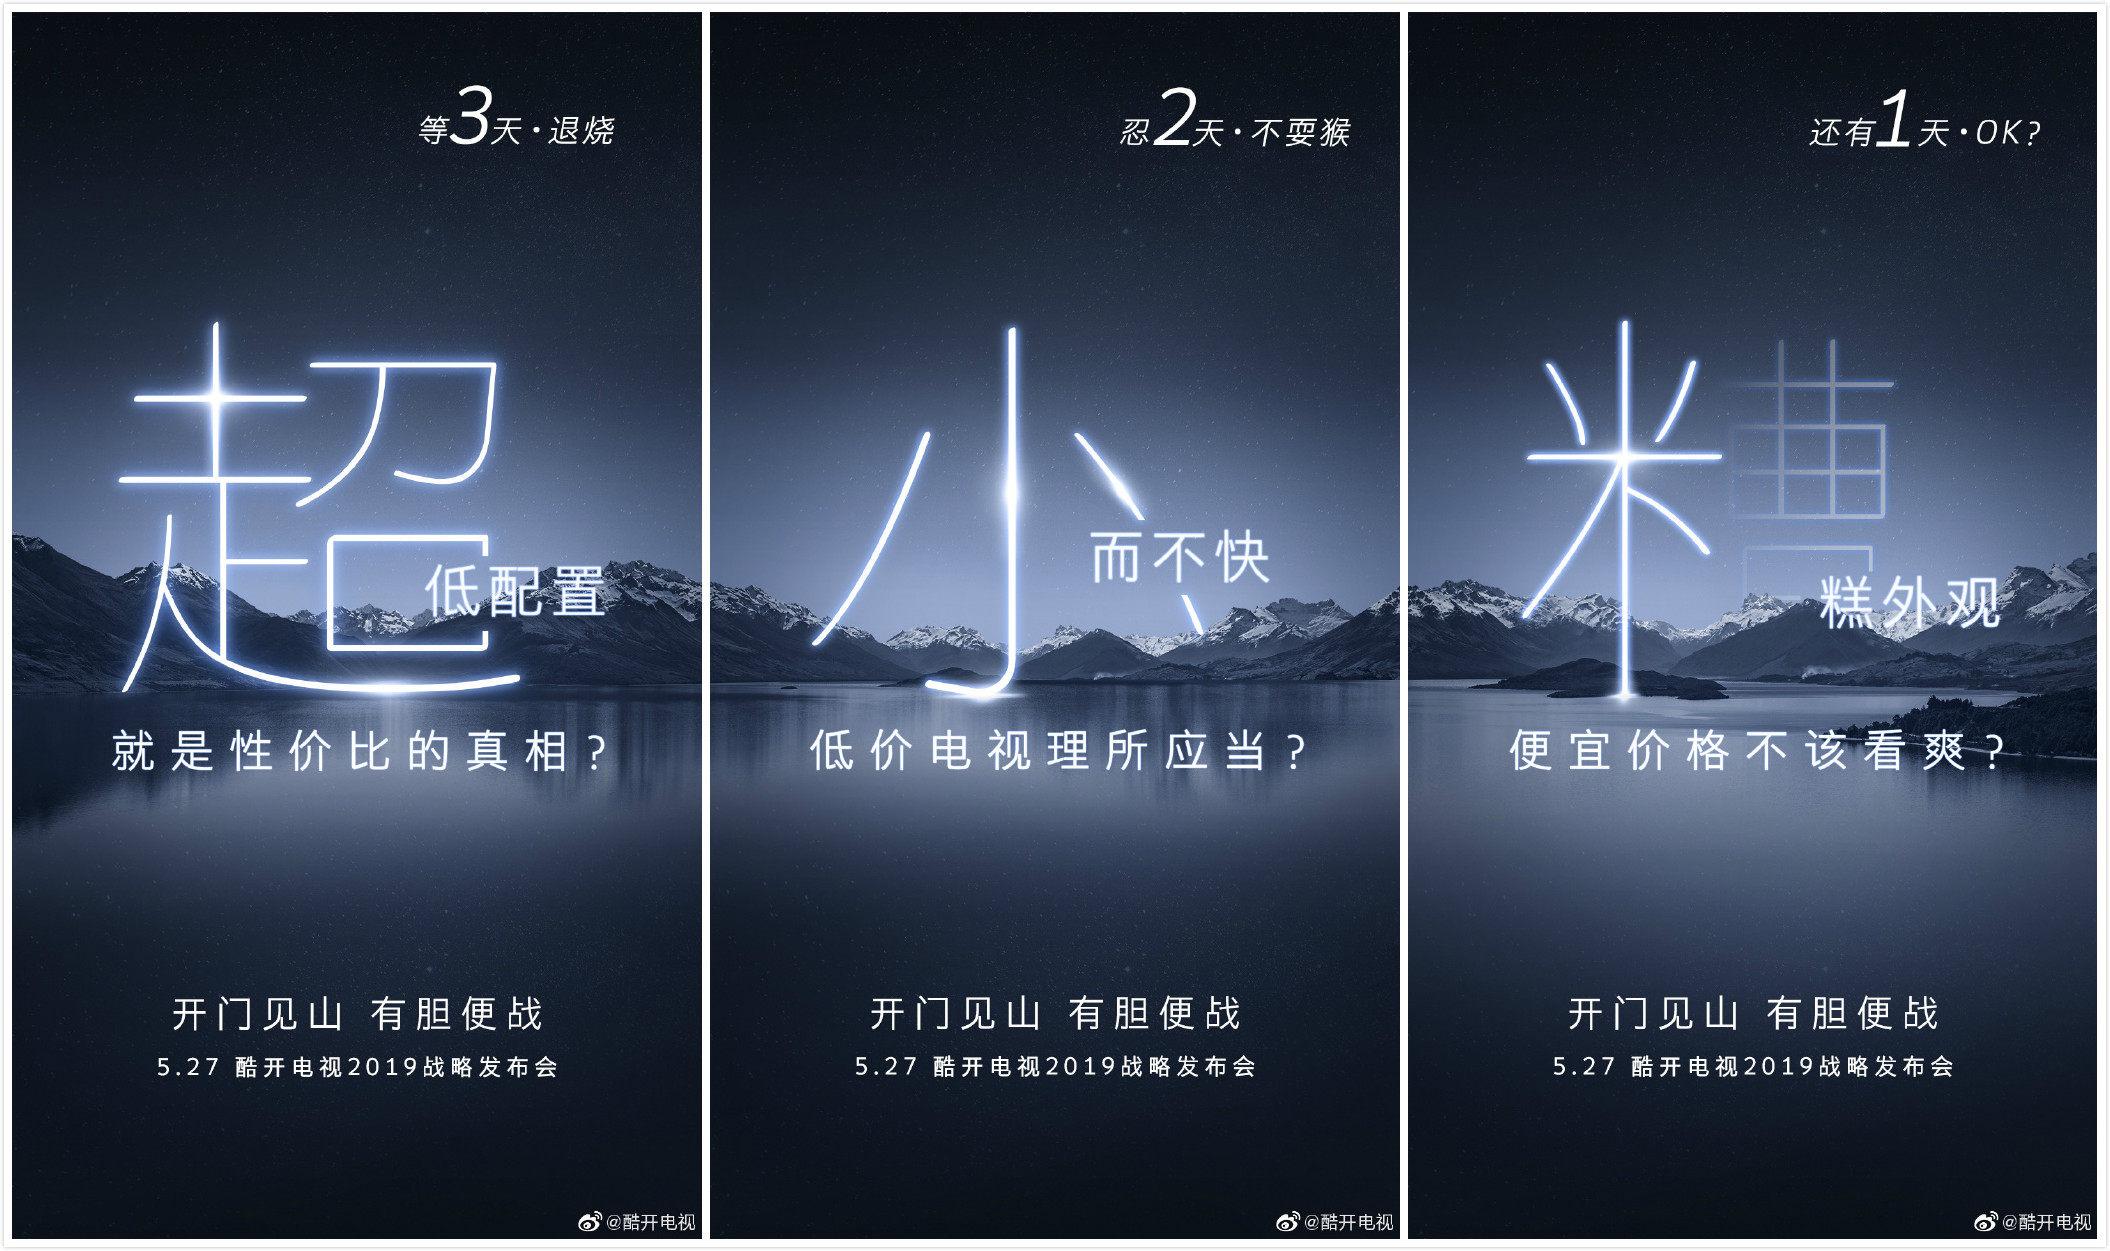 酷开电视2019战略发布会5月27日举行 创维公开叫板小米